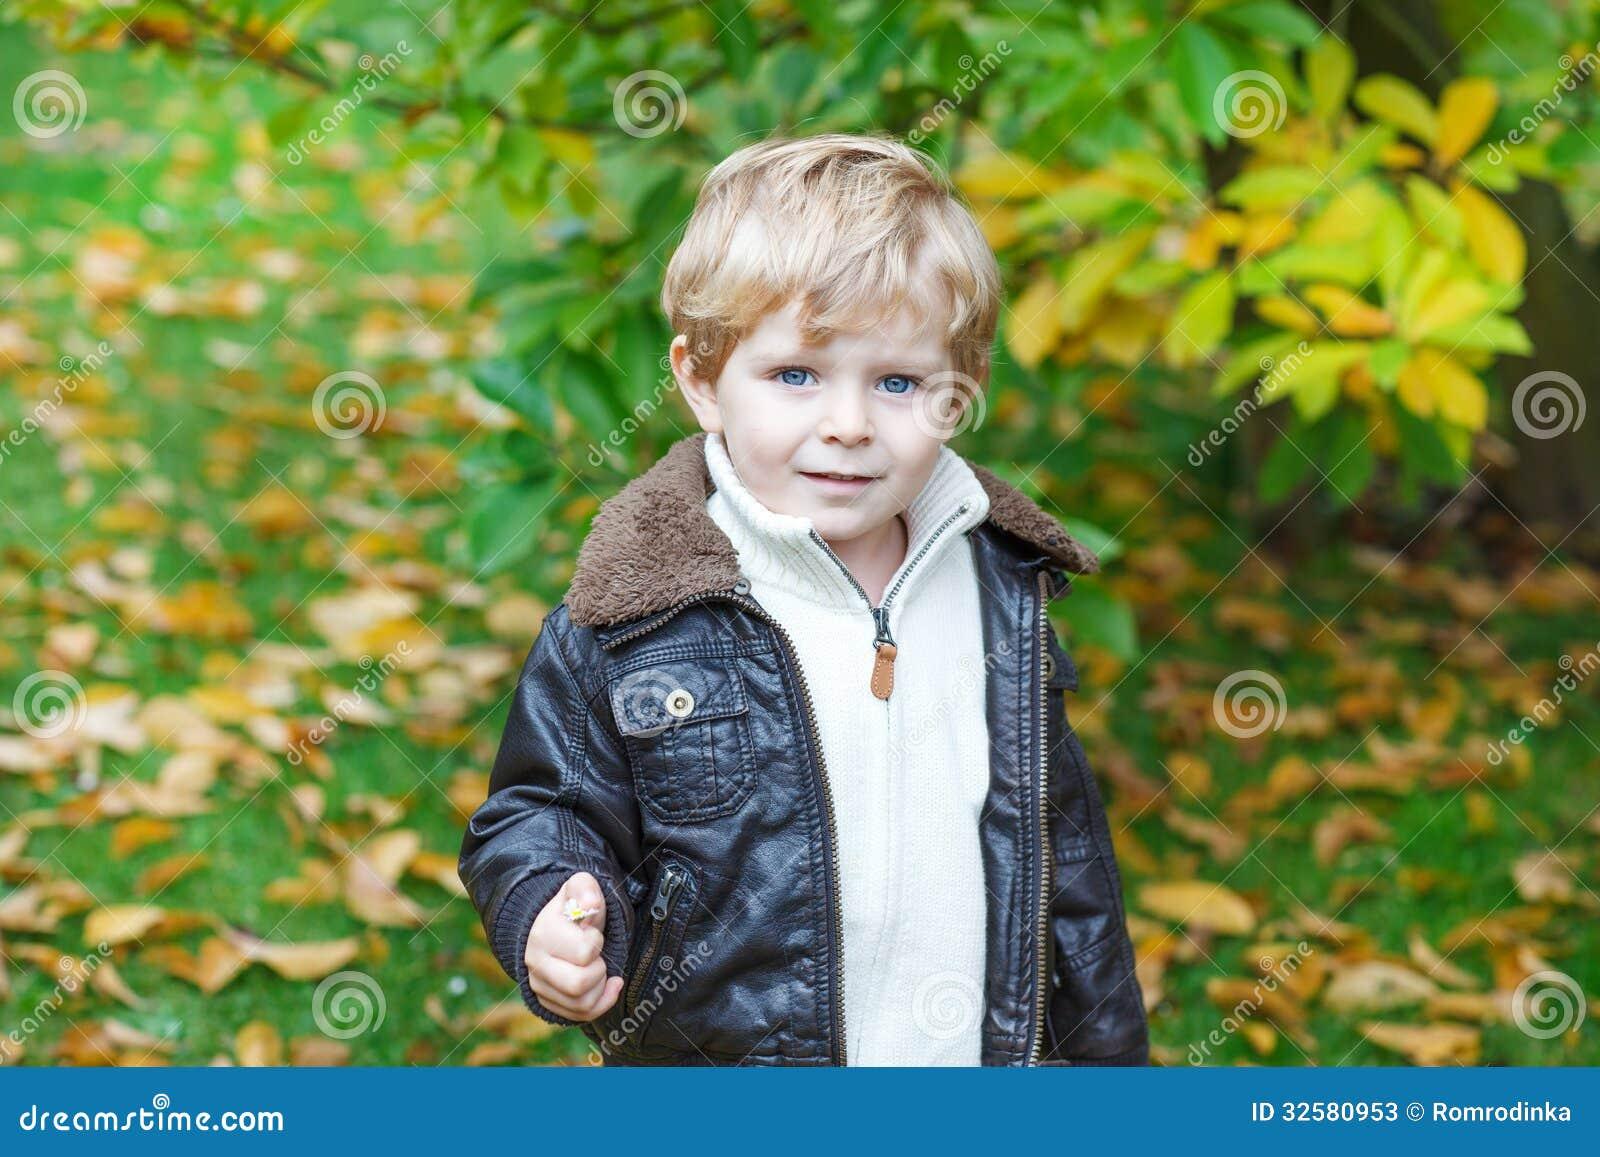 Adorable Toddler Boy In Autumn Park Stock Photos Image